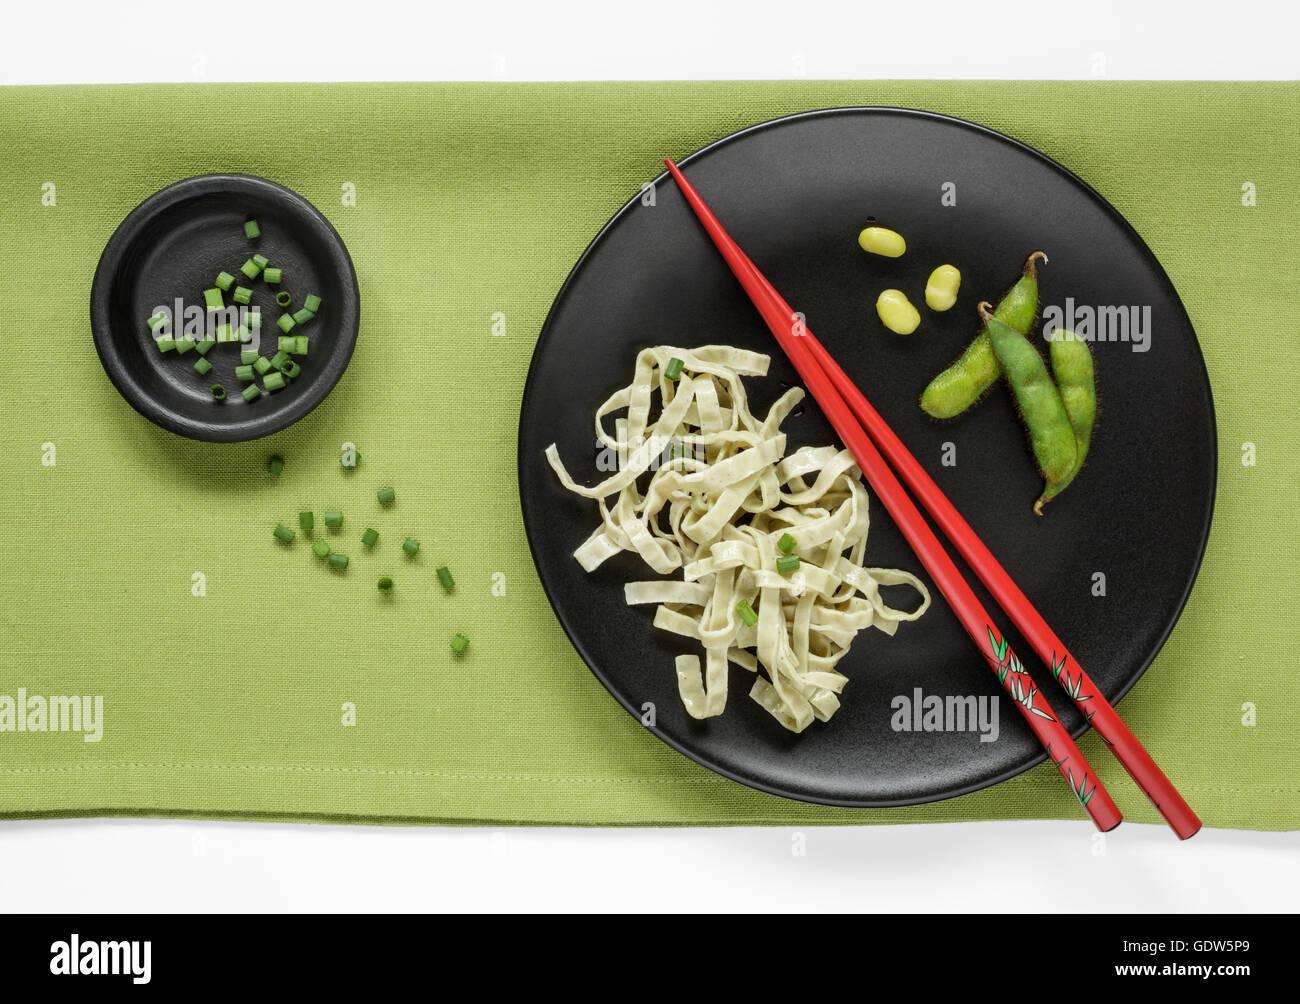 Haricots Edamame Fettuccine et Edamame Beans frais garni de ciboulette Photo Stock